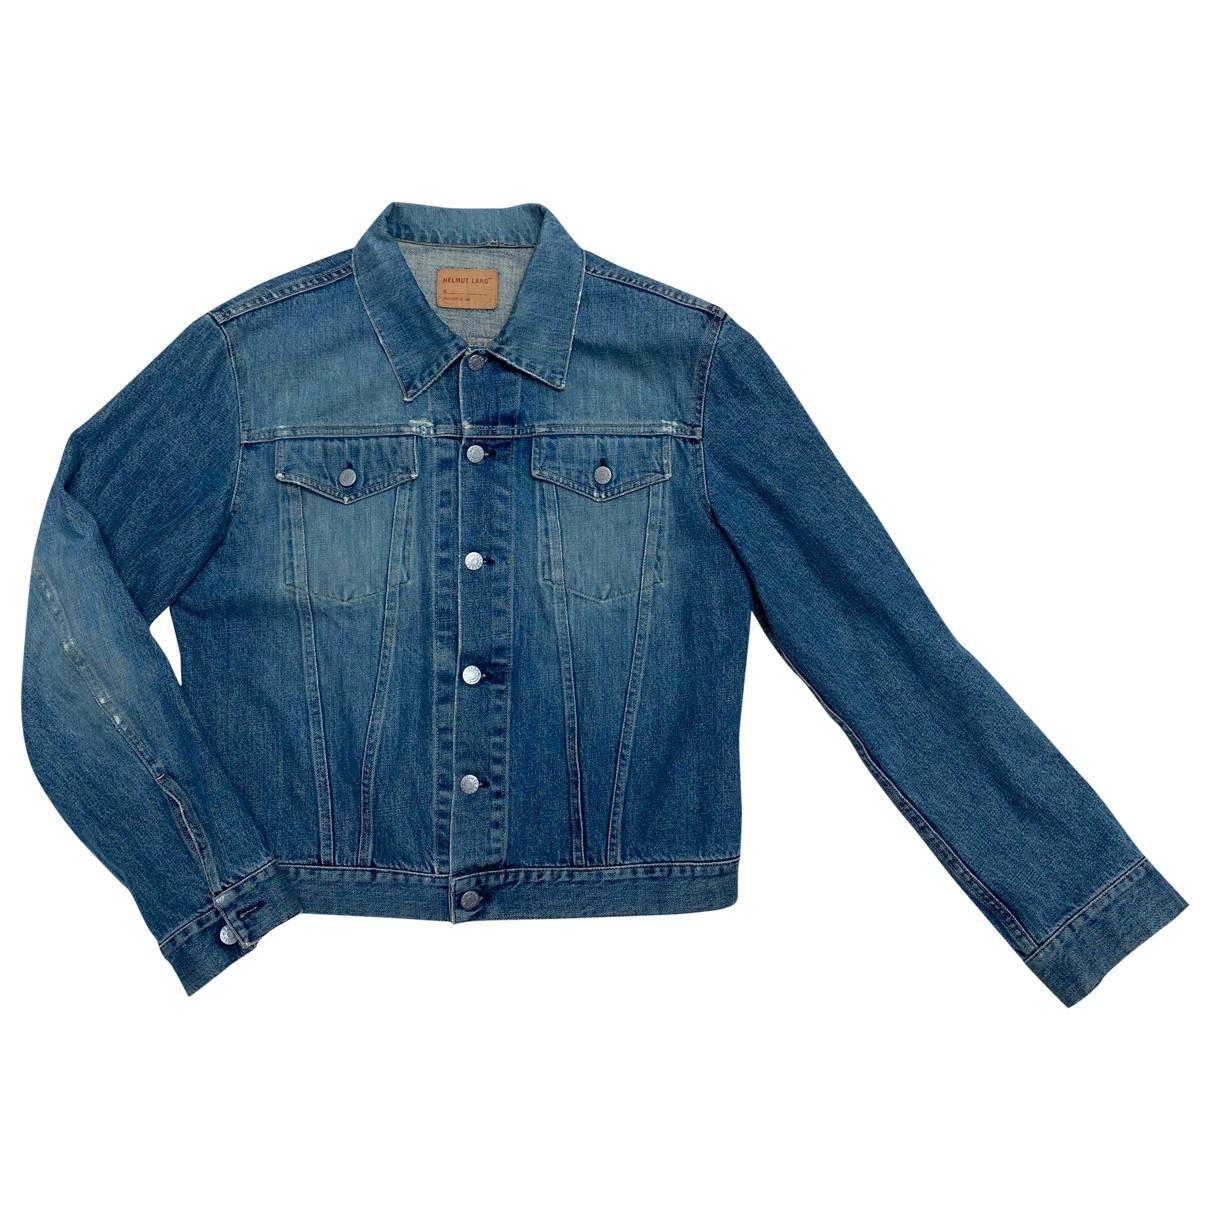 Helmut Lang \N Jacke in  Blau Denim - Jeans